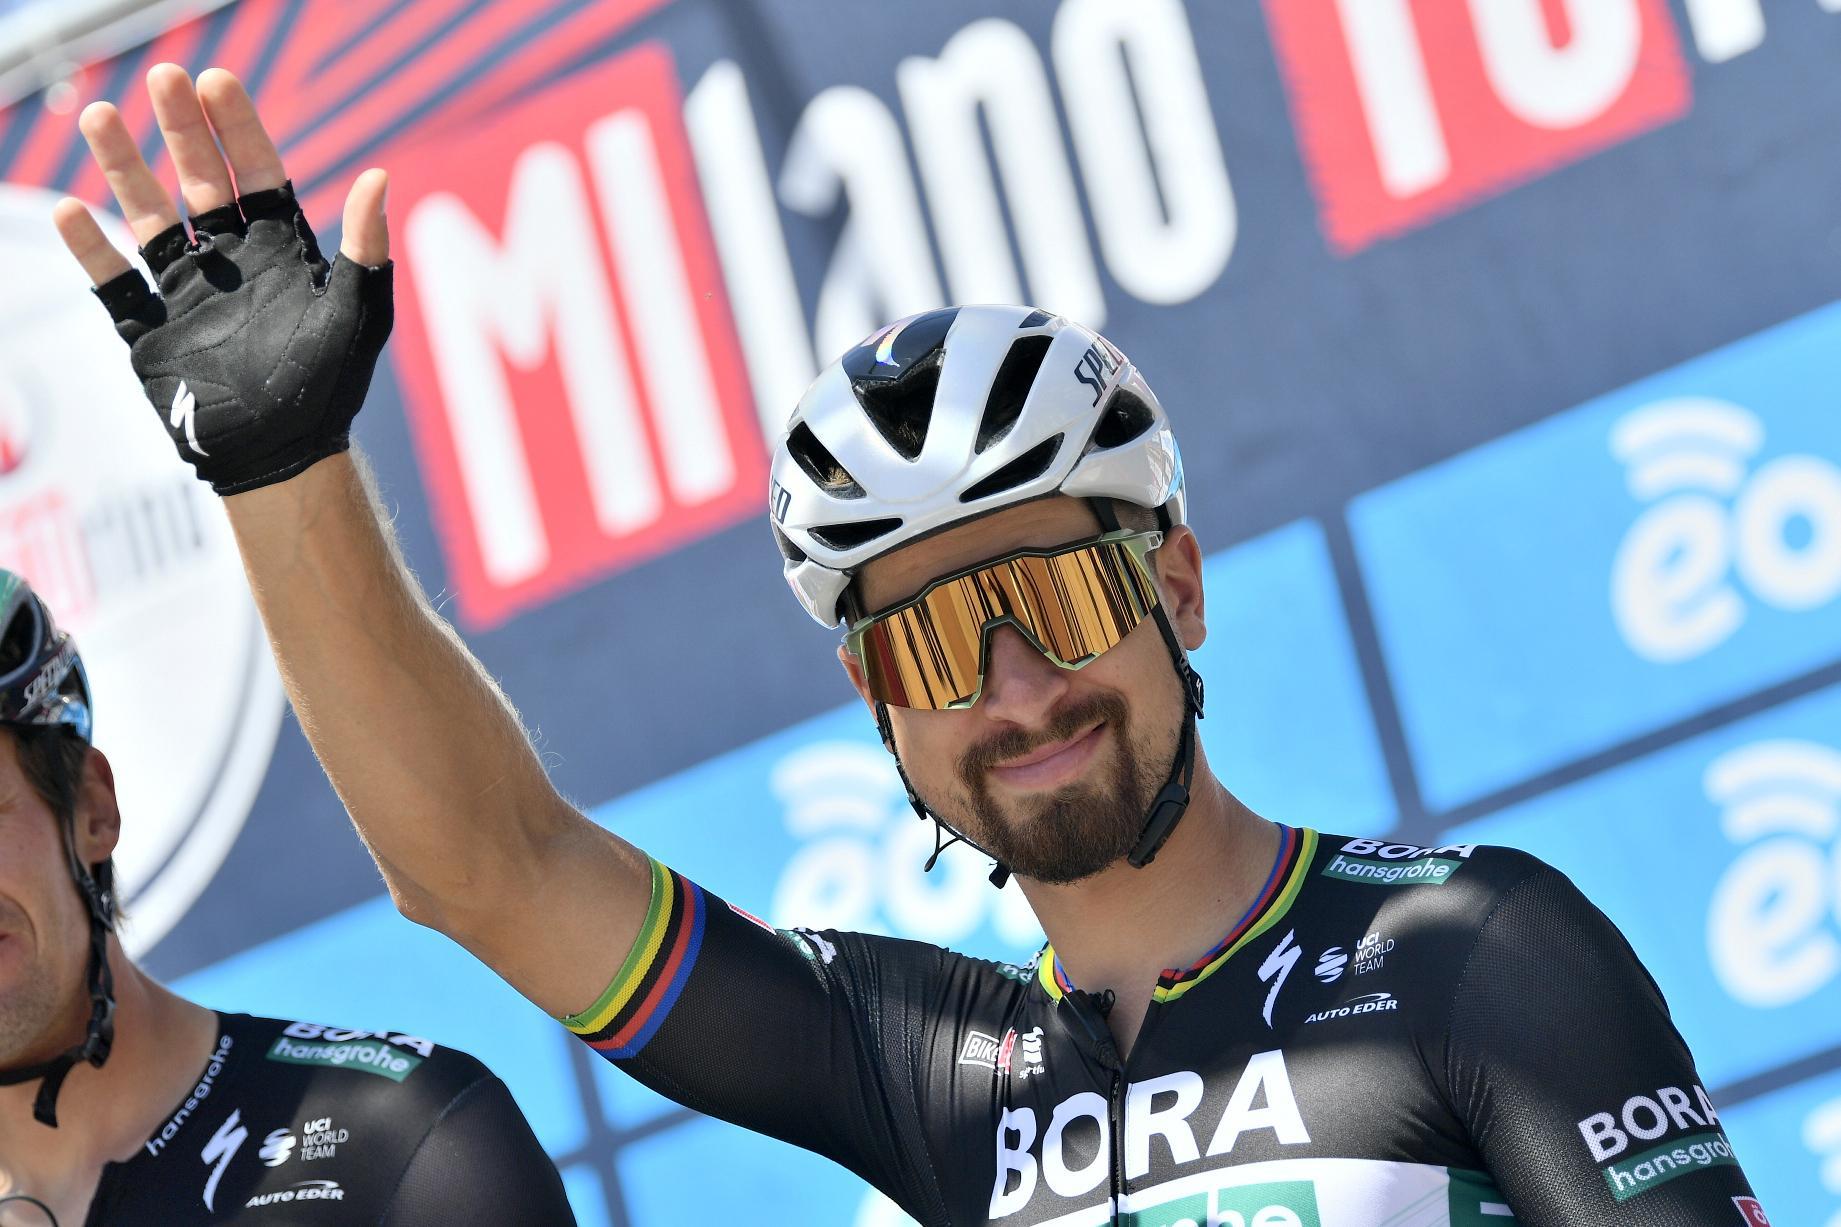 Italy_Cycling_Milano_Torino899440718676